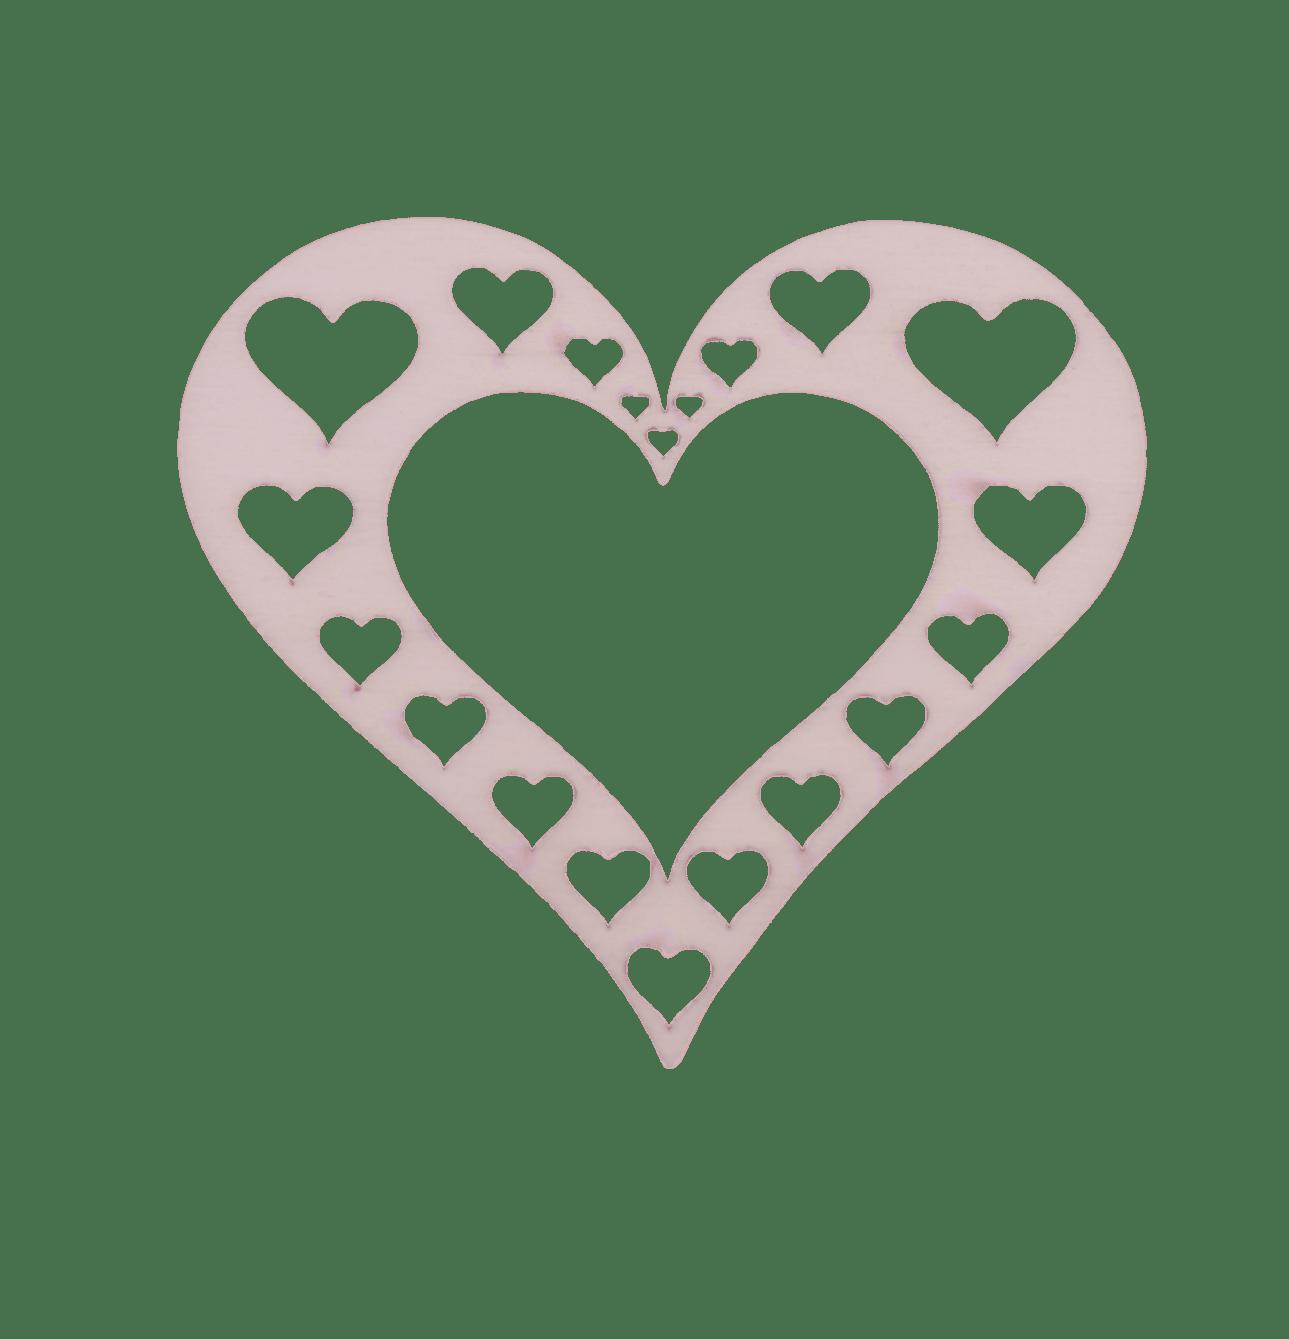 Prikupna figura srca